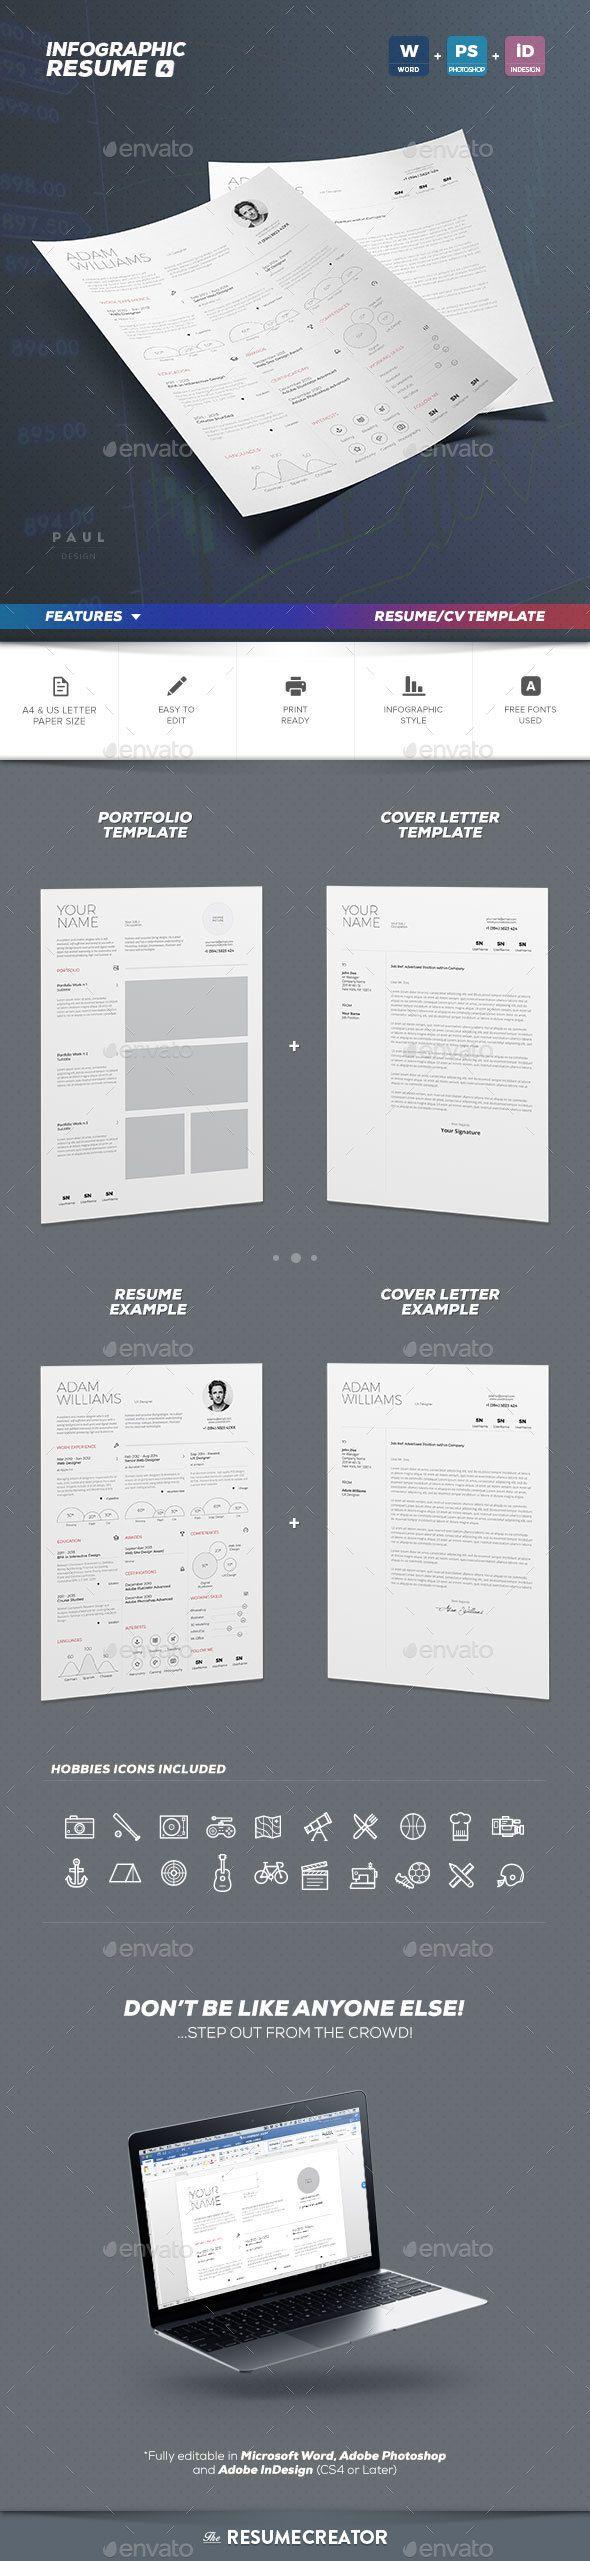 52 mejores imágenes de Diagramacion en Pinterest | Diseño gráfico ...